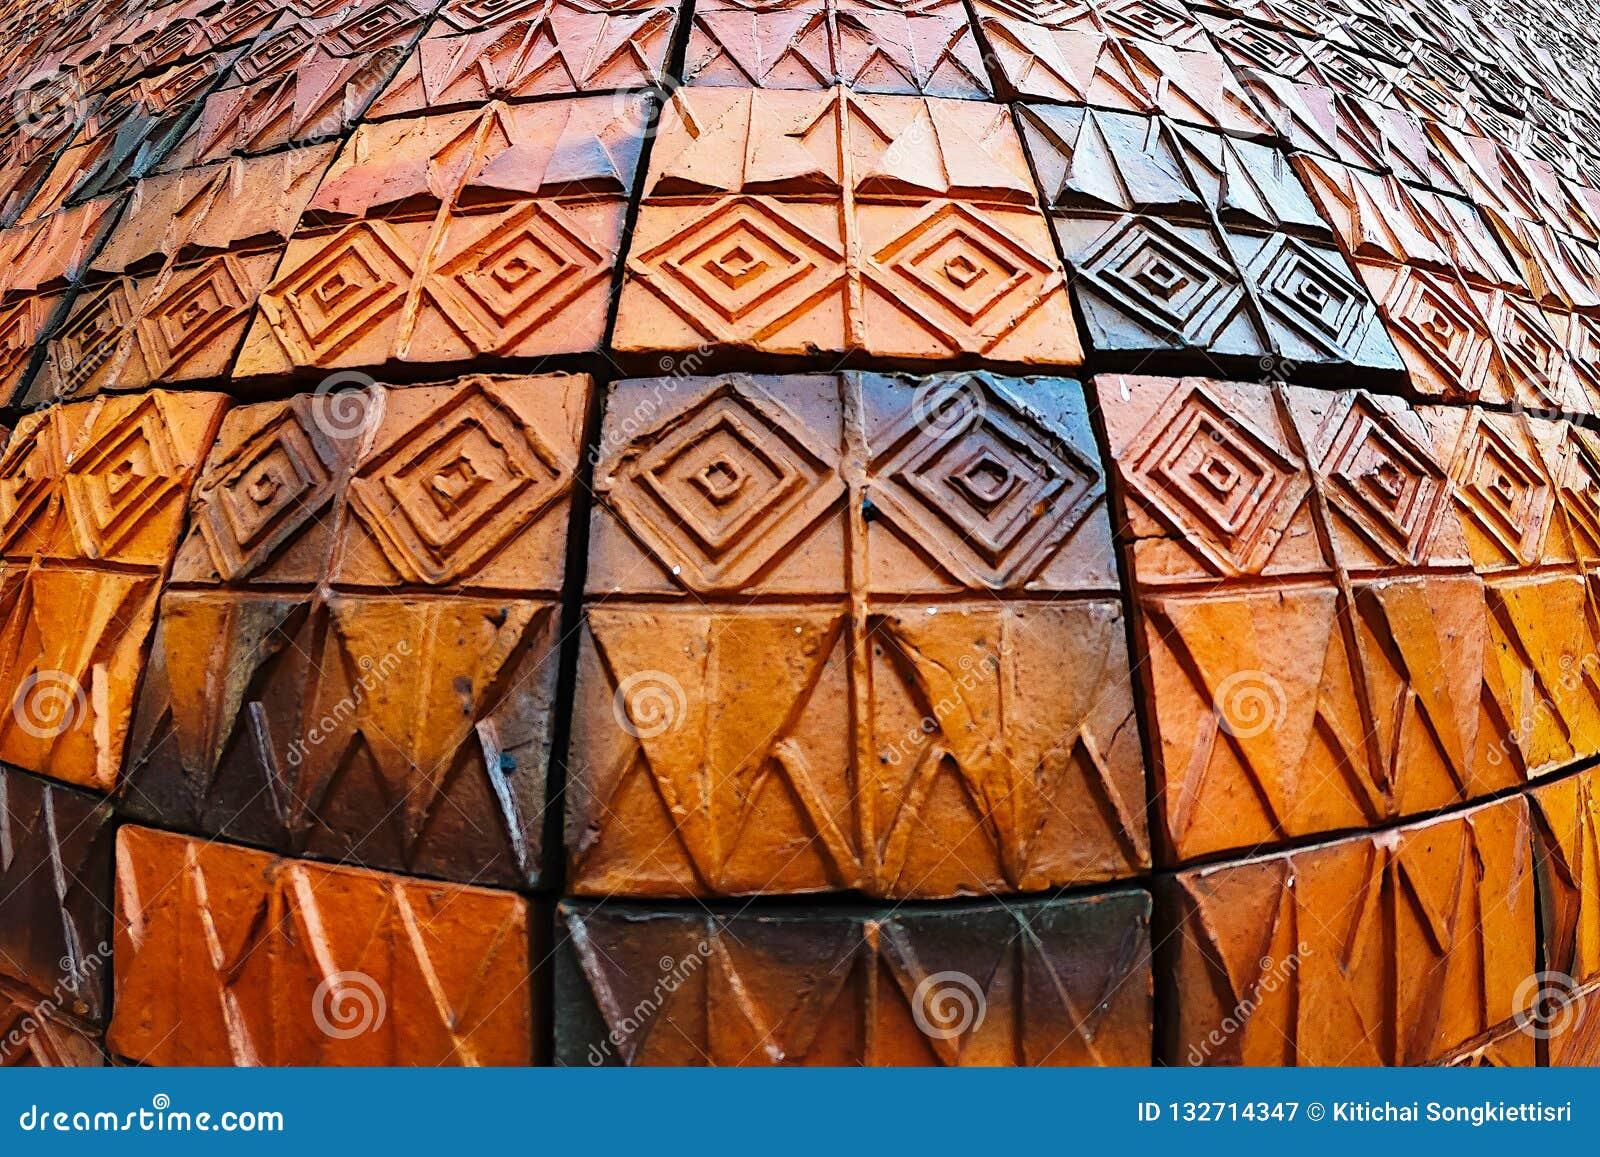 Старые картины керамических плиток стены handcraft внутреннее backgound от публики парков Таиланда